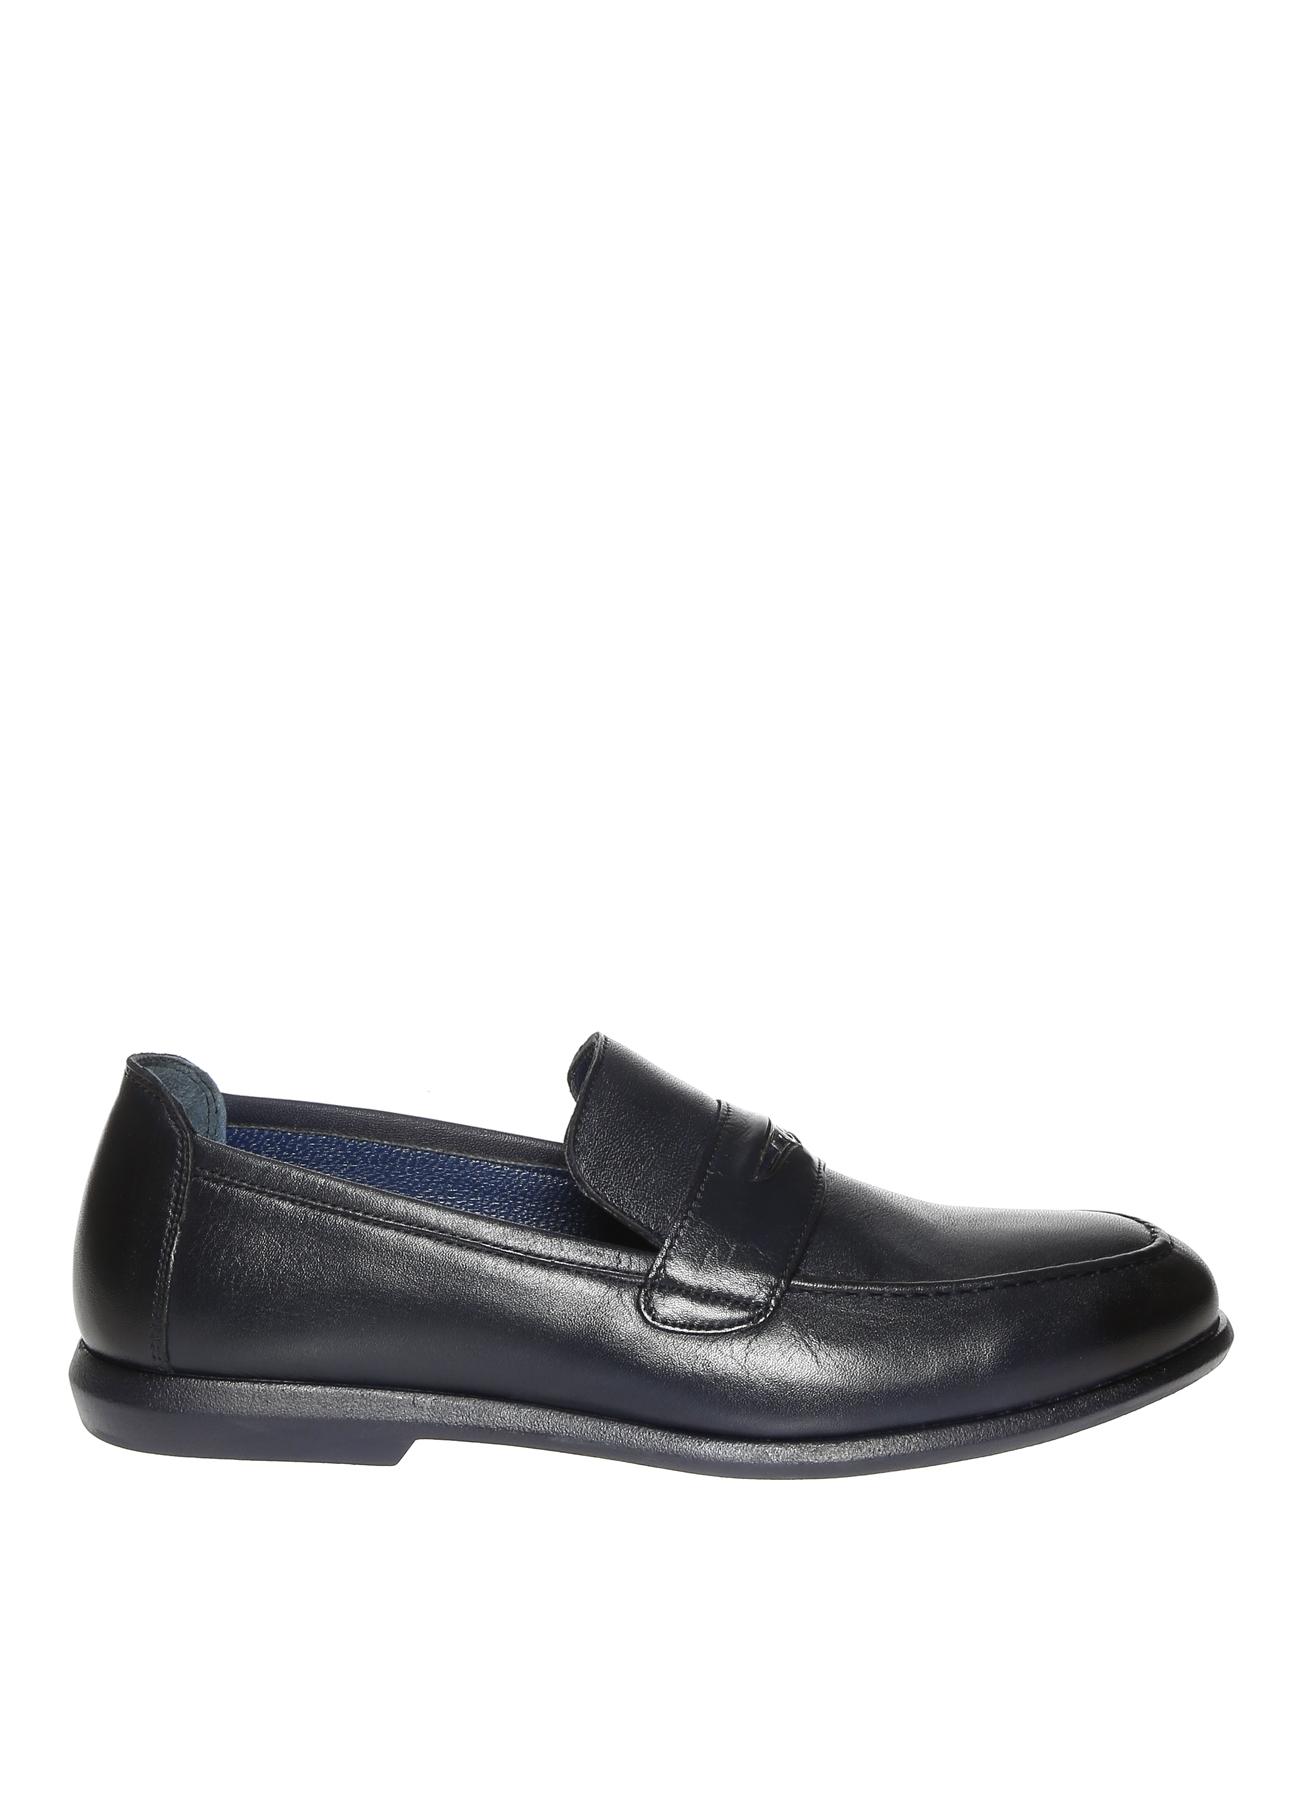 Cacharel Erkek Deri Siyah Klasik Ayakkabı 41 5001911367002 Ürün Resmi